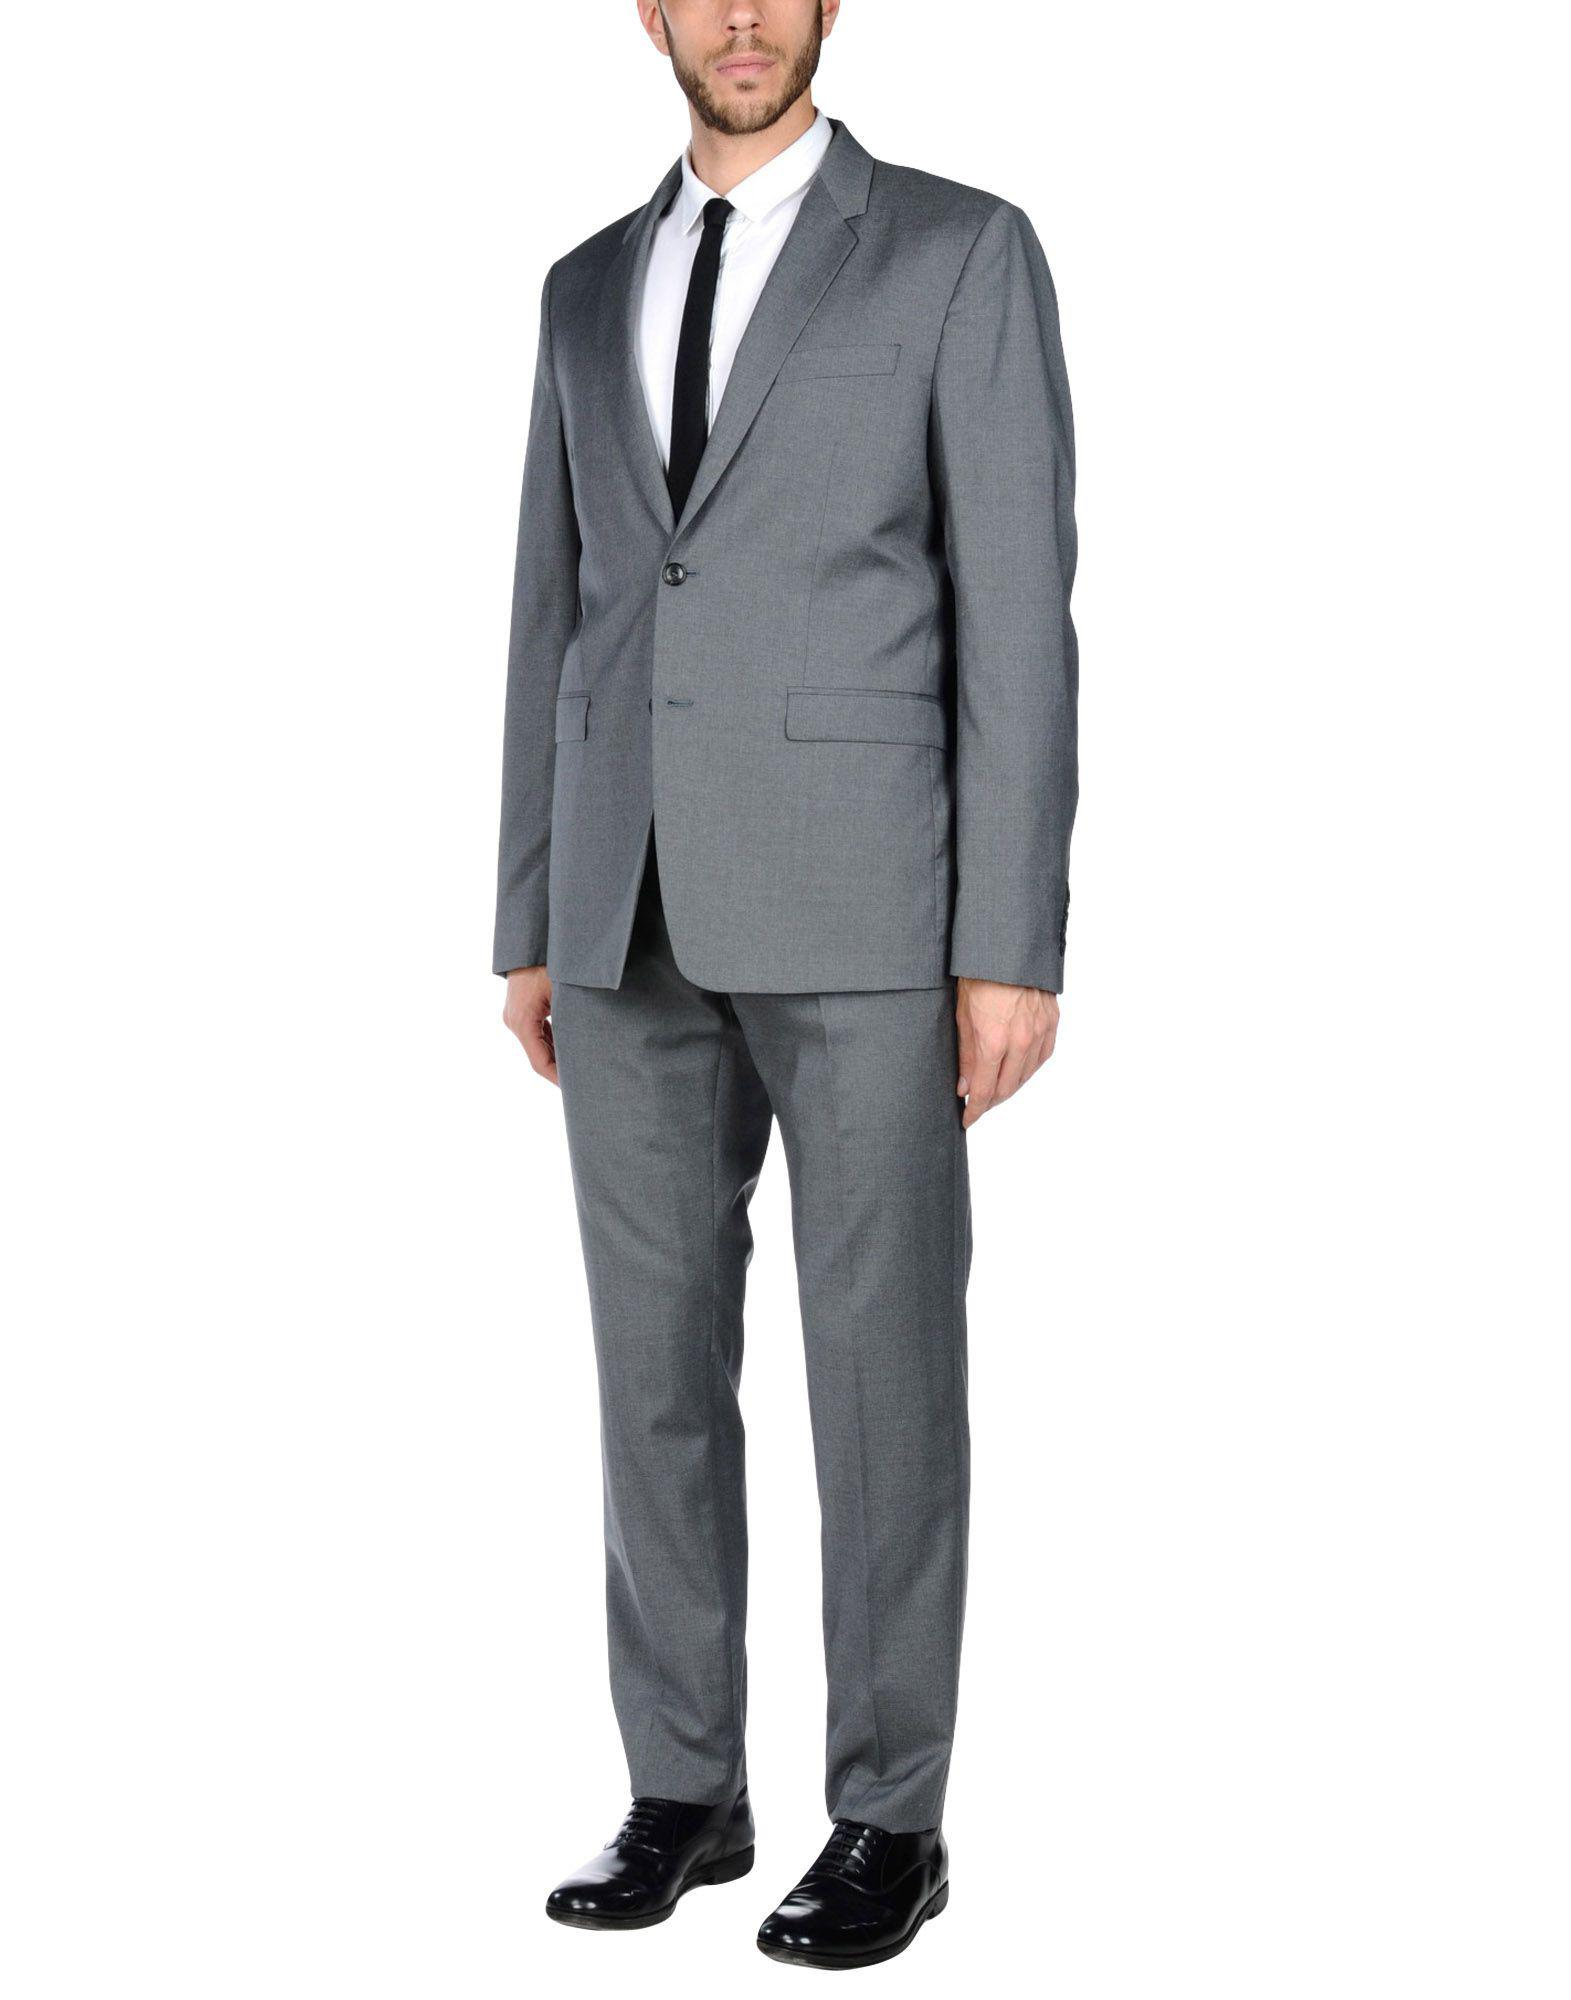 Lyst - Costume Mauro Grifoni pour homme en coloris Gris 445318947fe